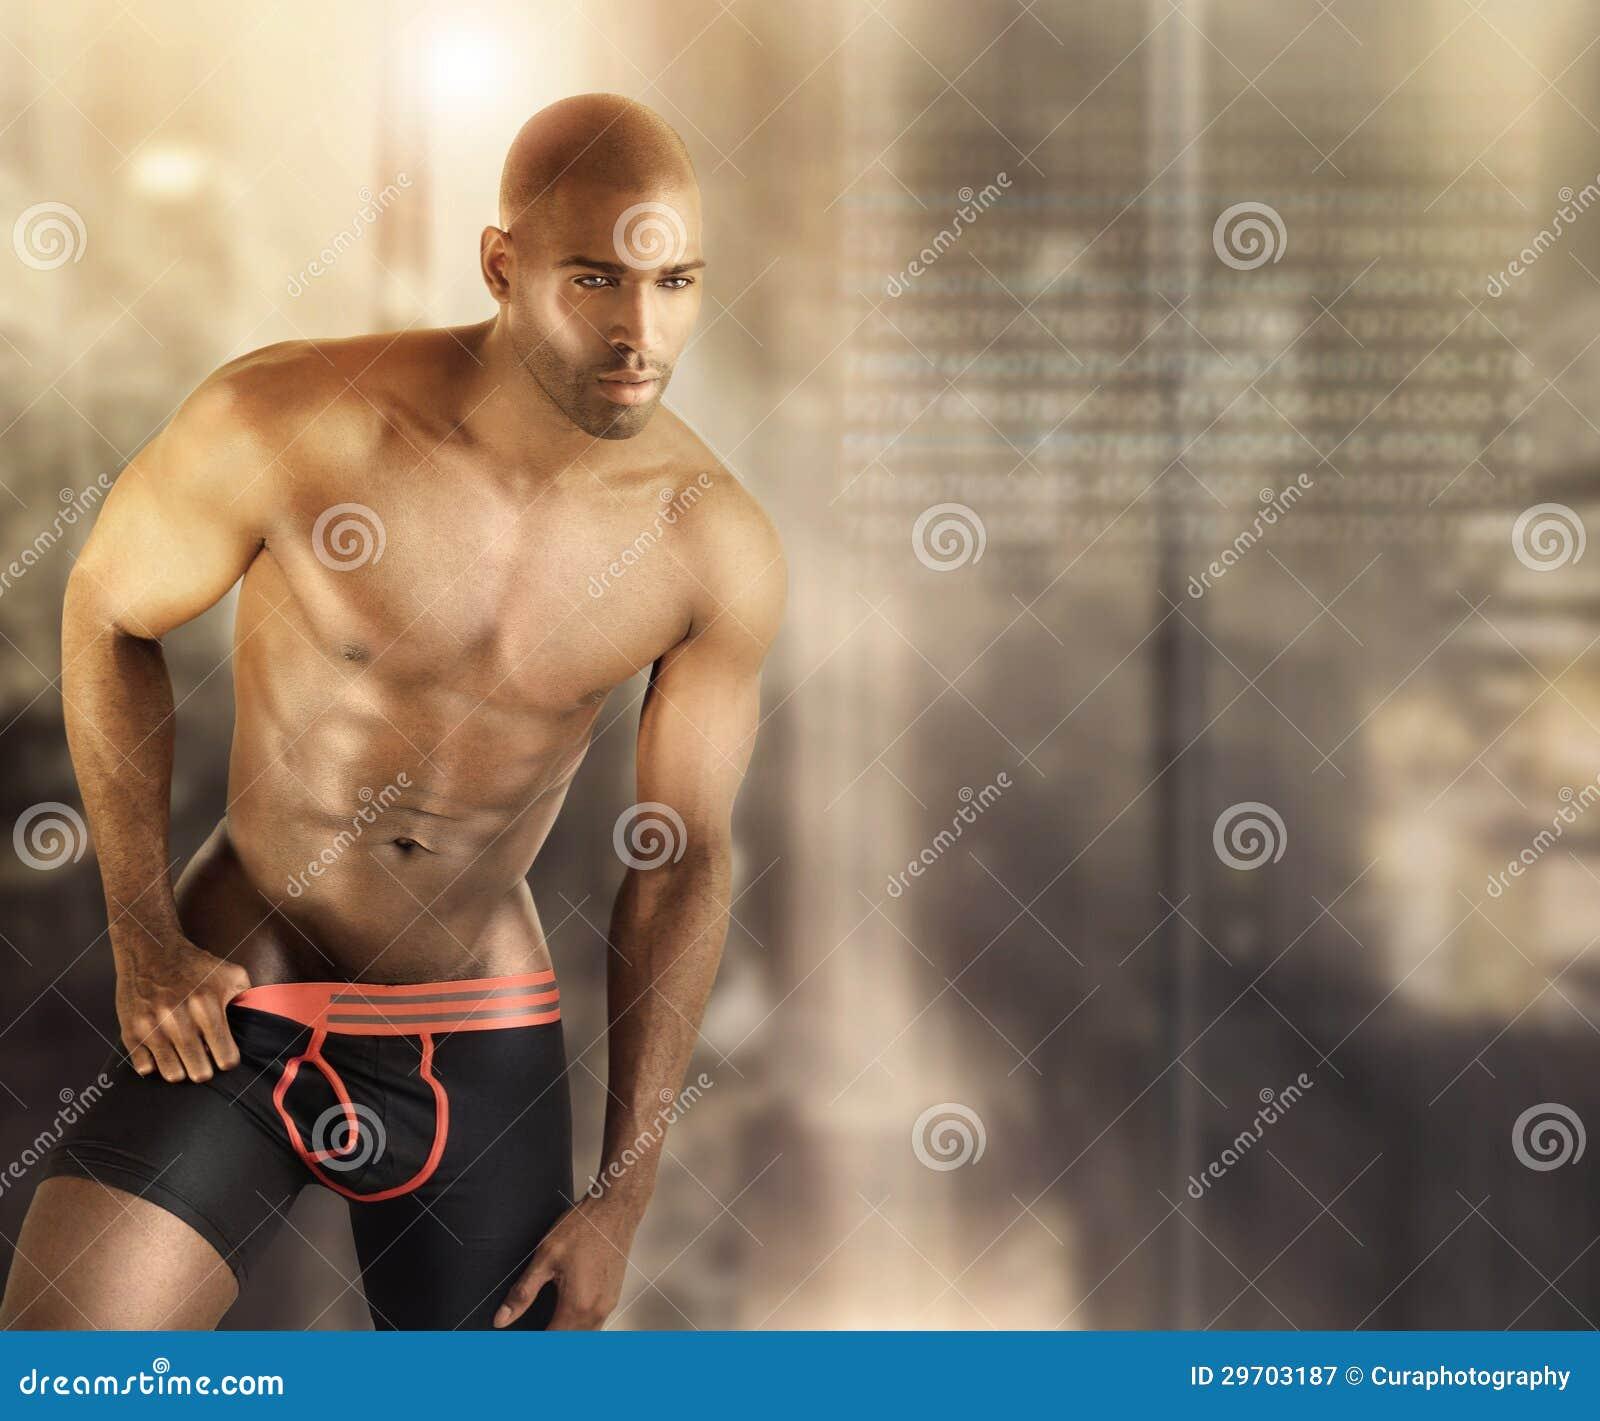 Gallery hot man only sex underwear